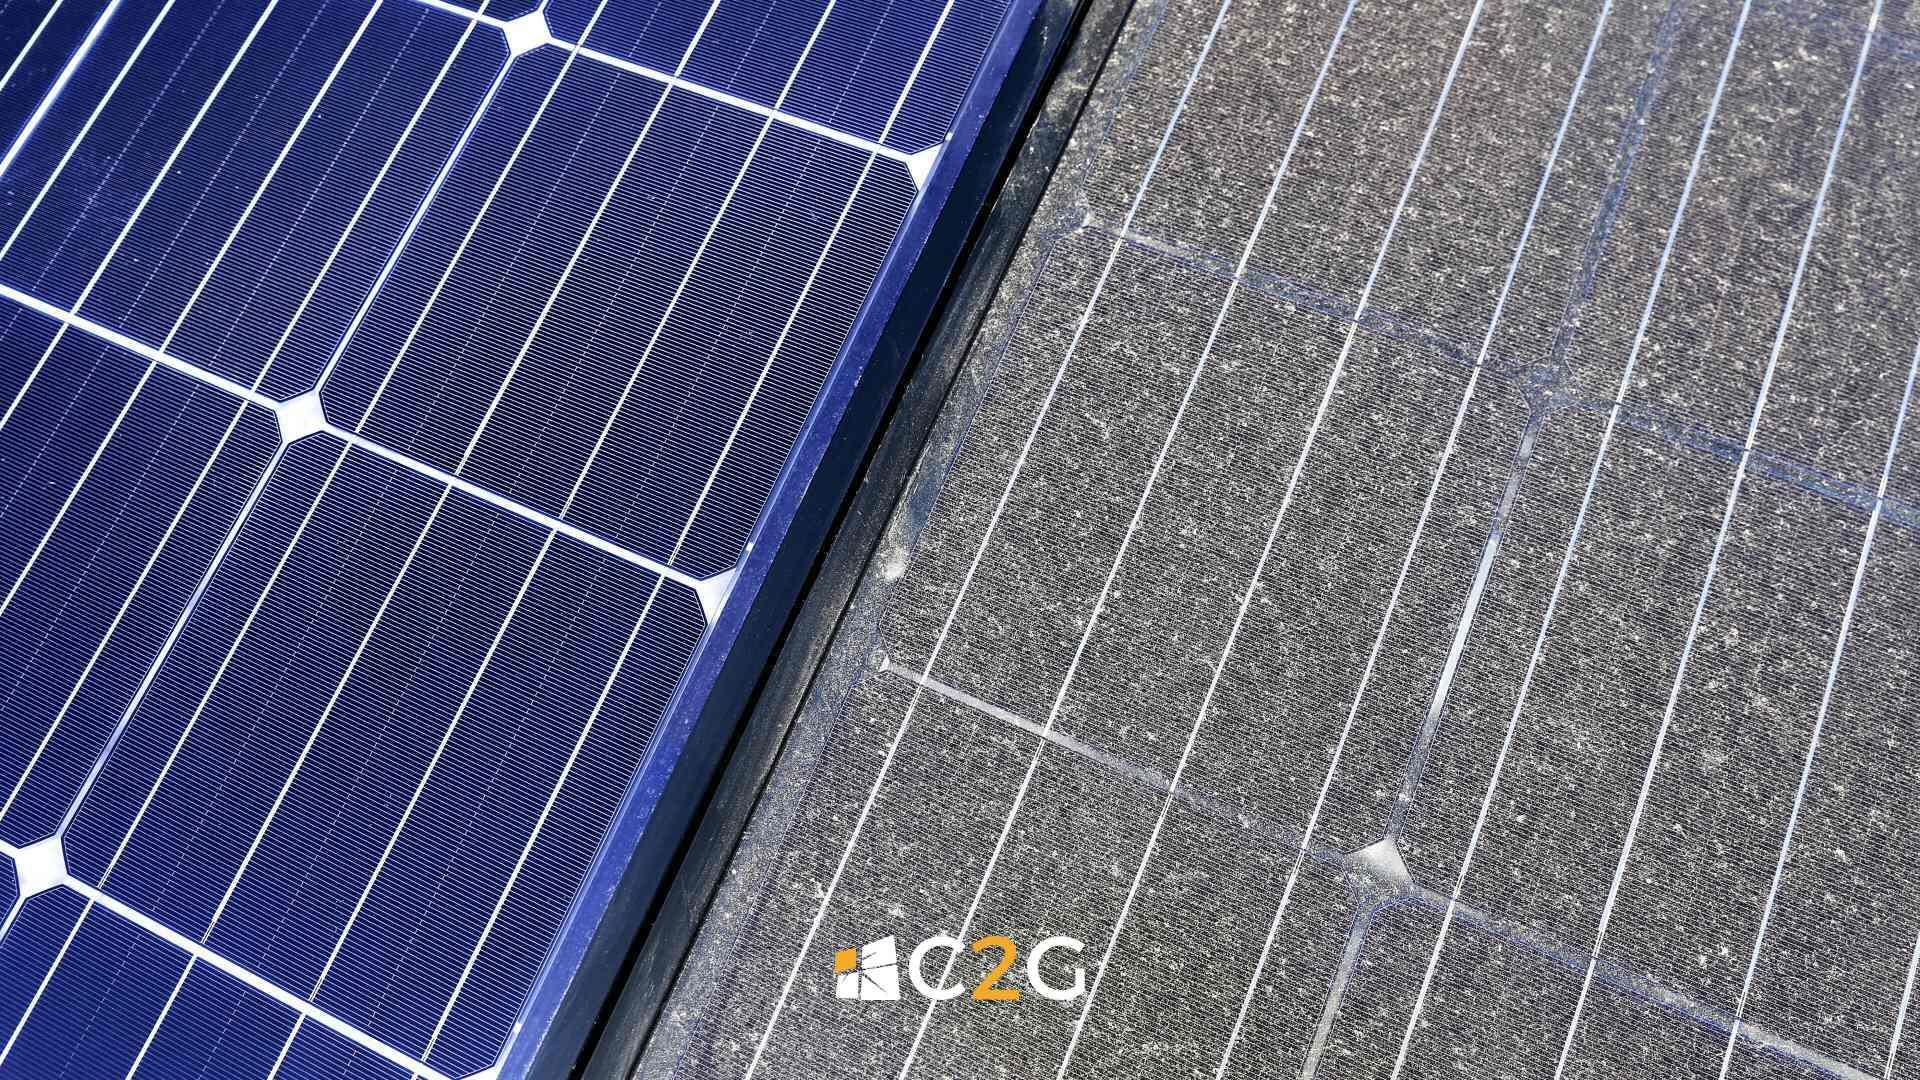 Manutenzione impianti fotovoltaici - C2G Solar